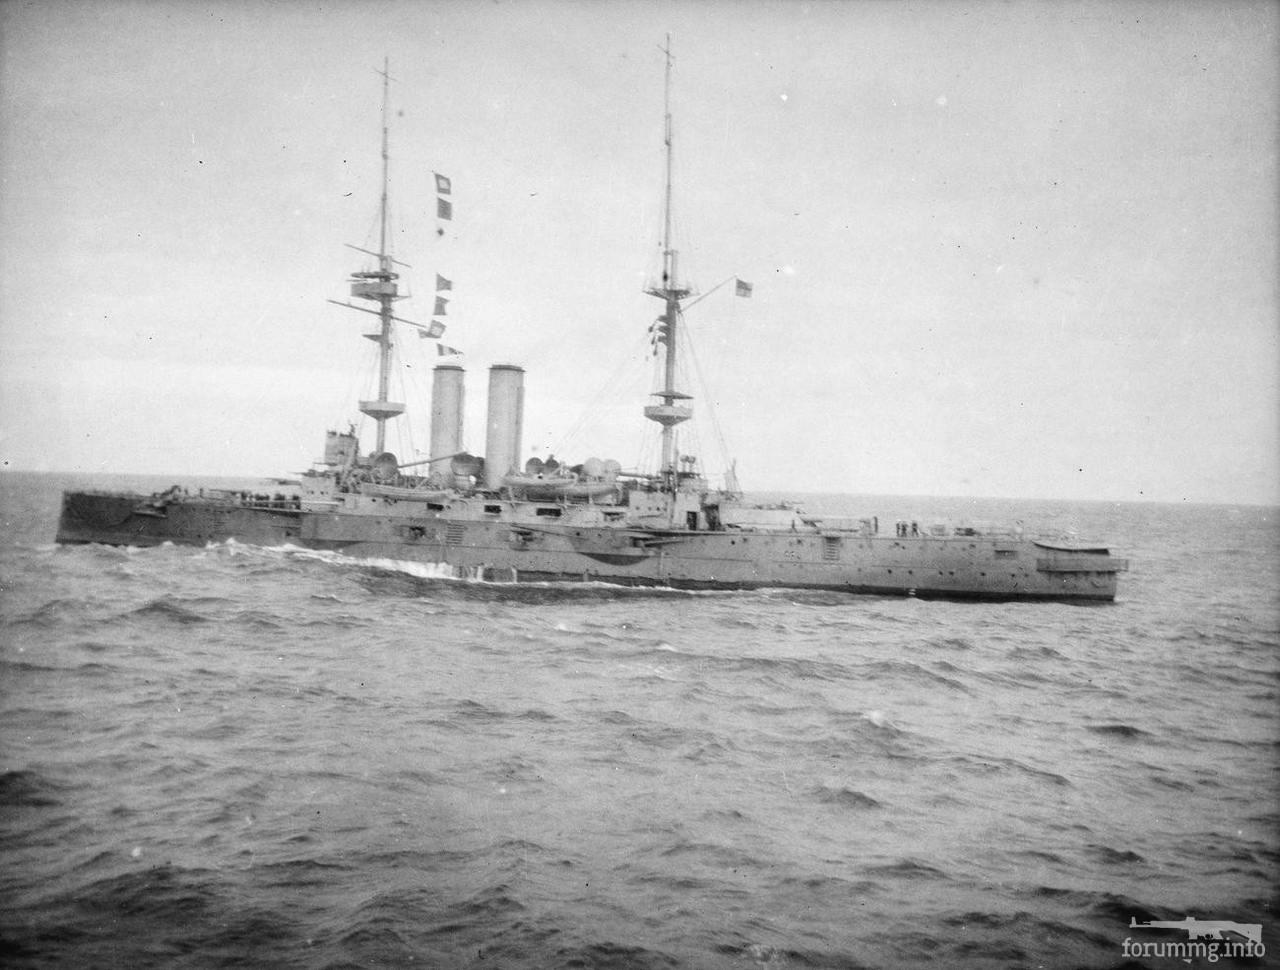 125713 - Броненосцы, дредноуты, линкоры и крейсера Британии